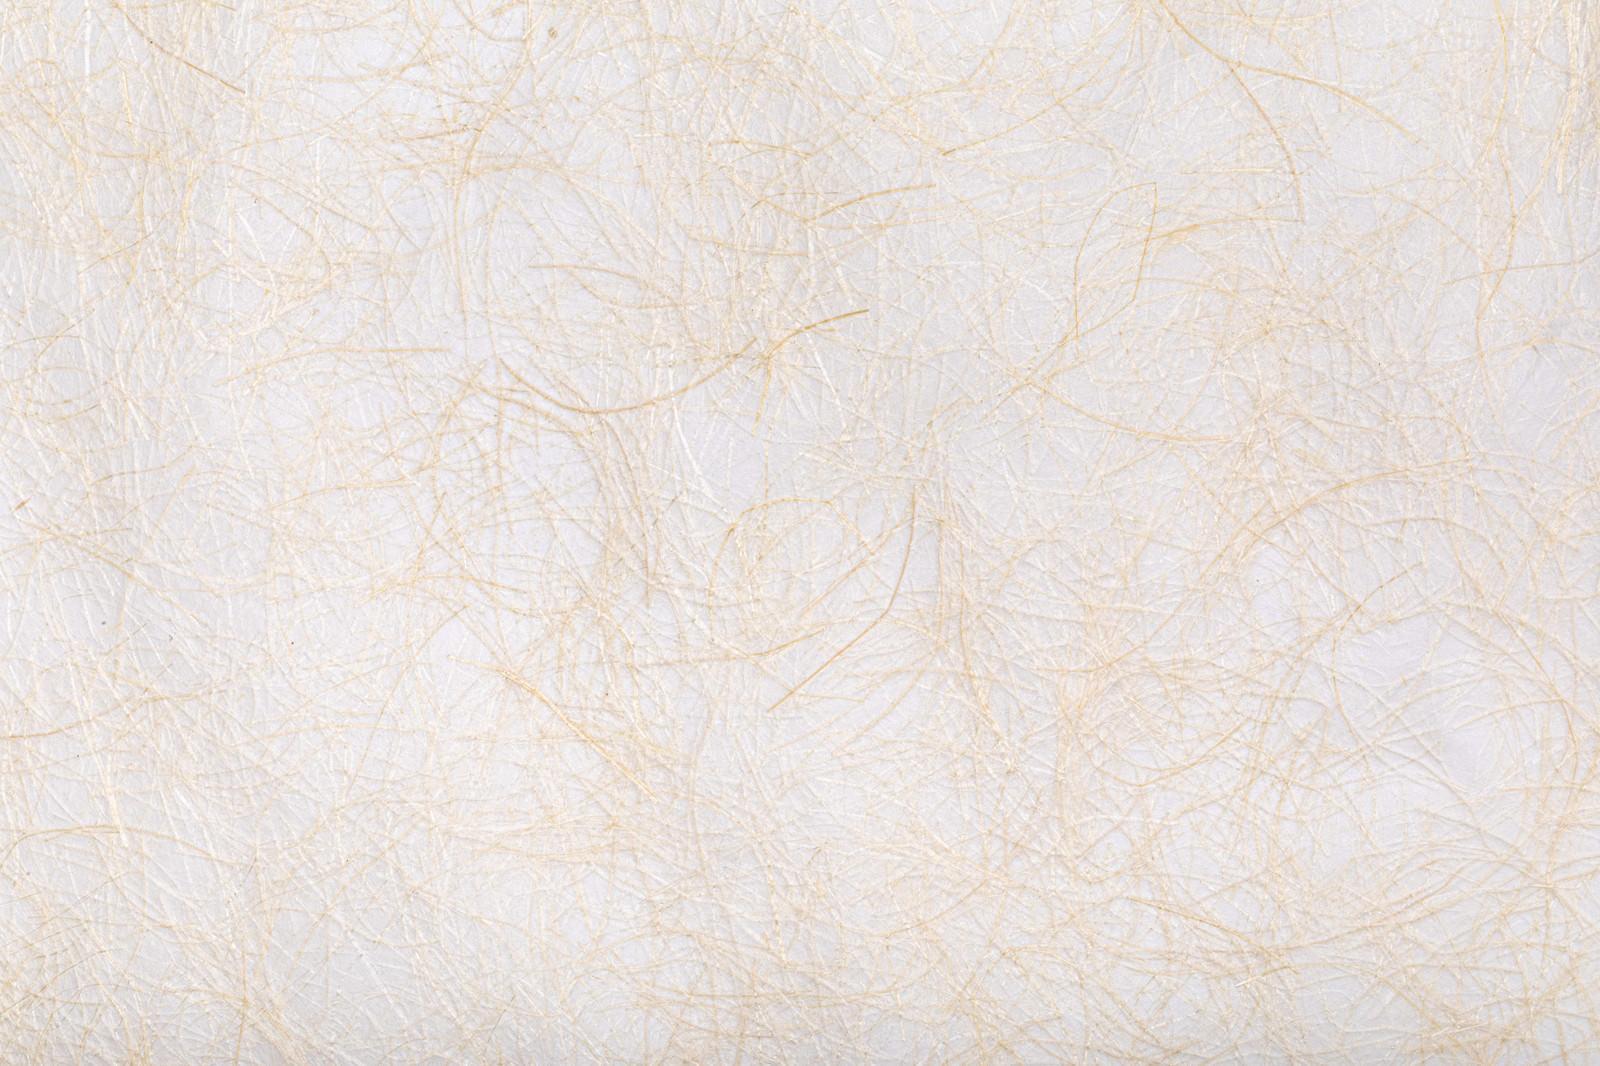 「茶色の繊維が絡む和紙」の写真